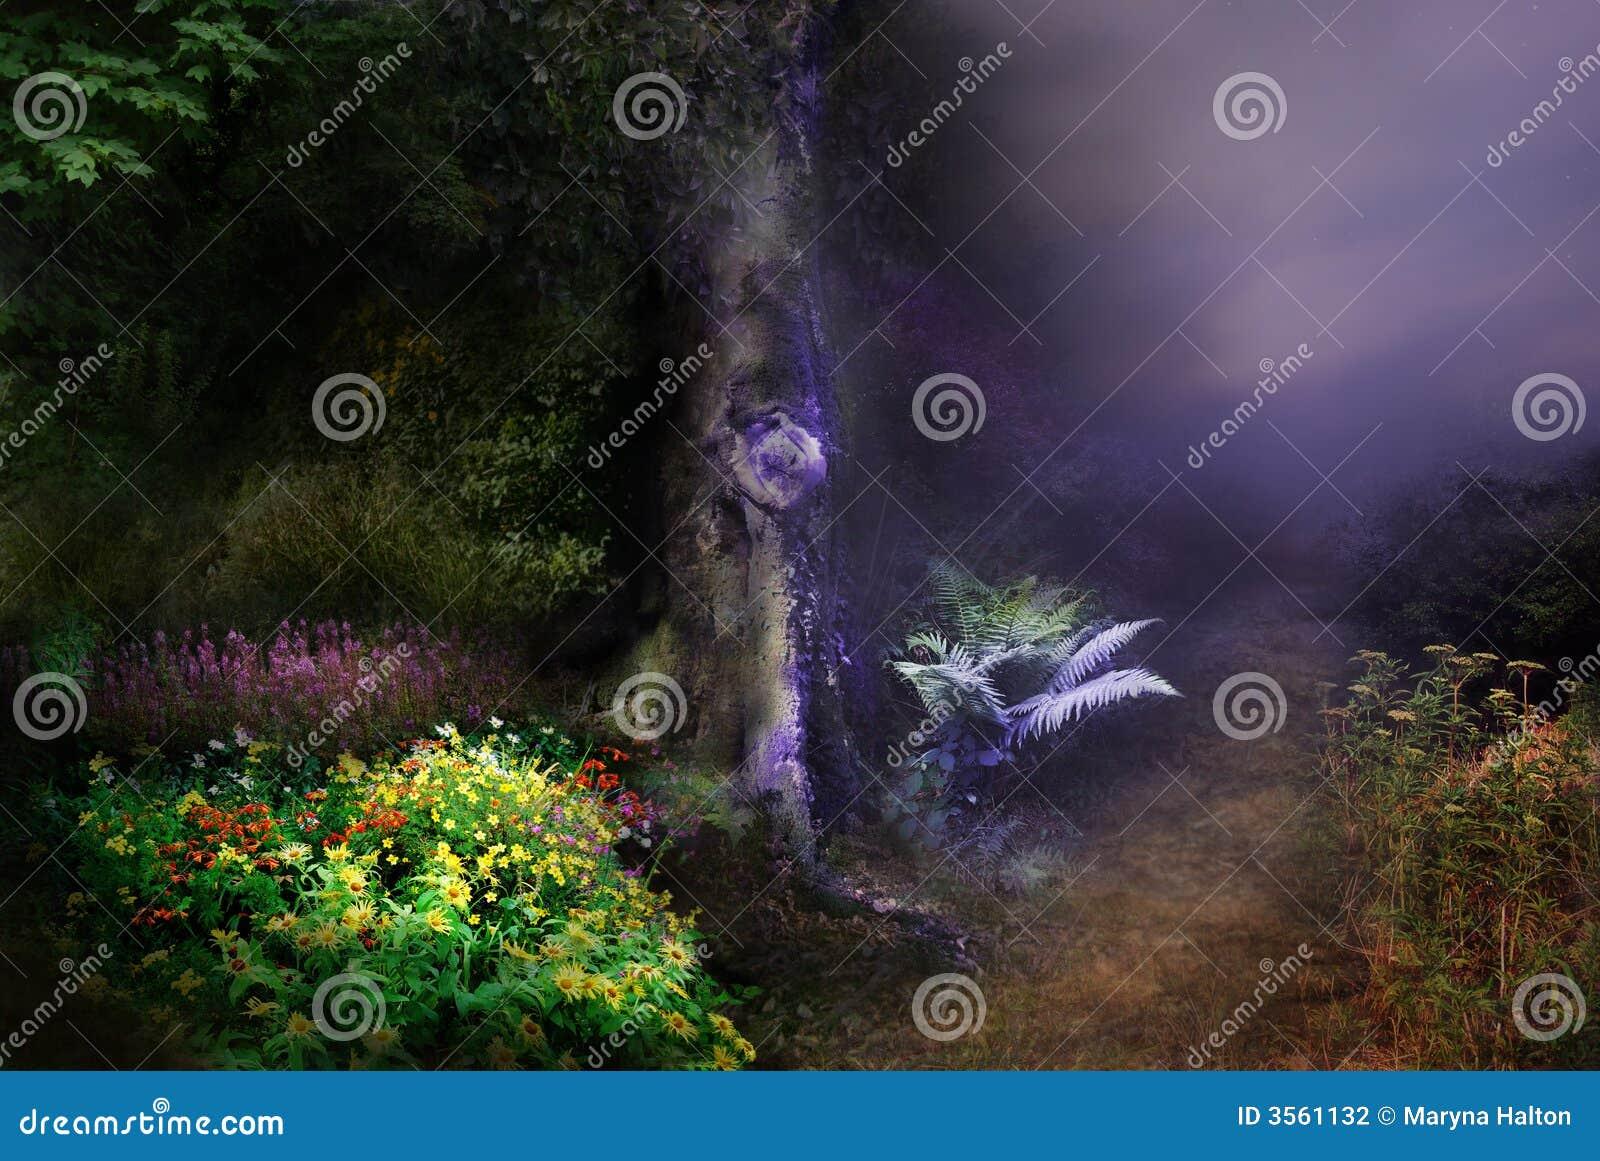 Noite mágica da floresta